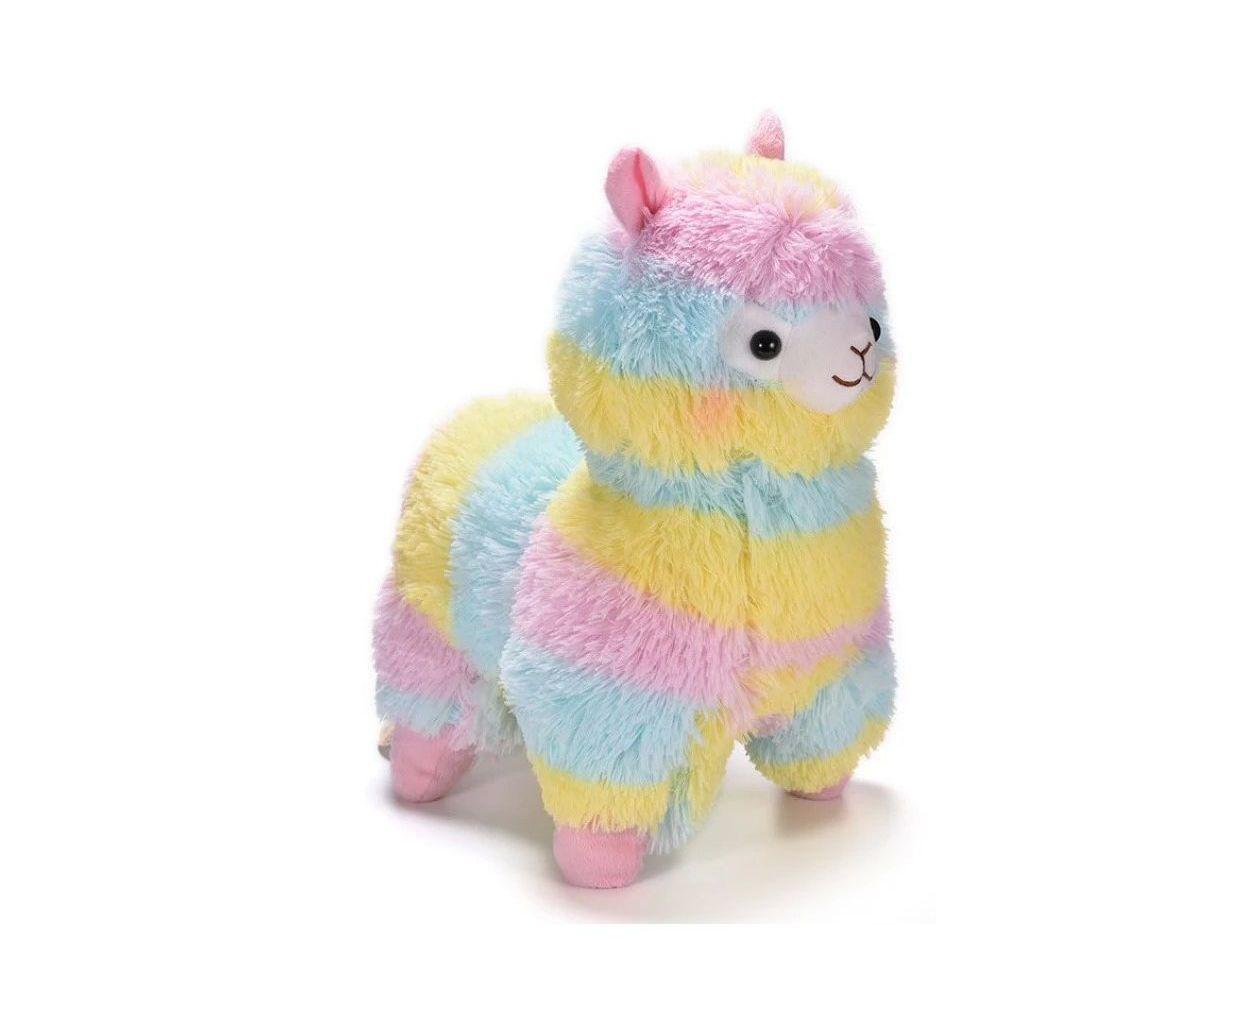 Купить Мягкая игрушка Радужная лама, 25 см, NoBrand, Мягкие игрушки животные